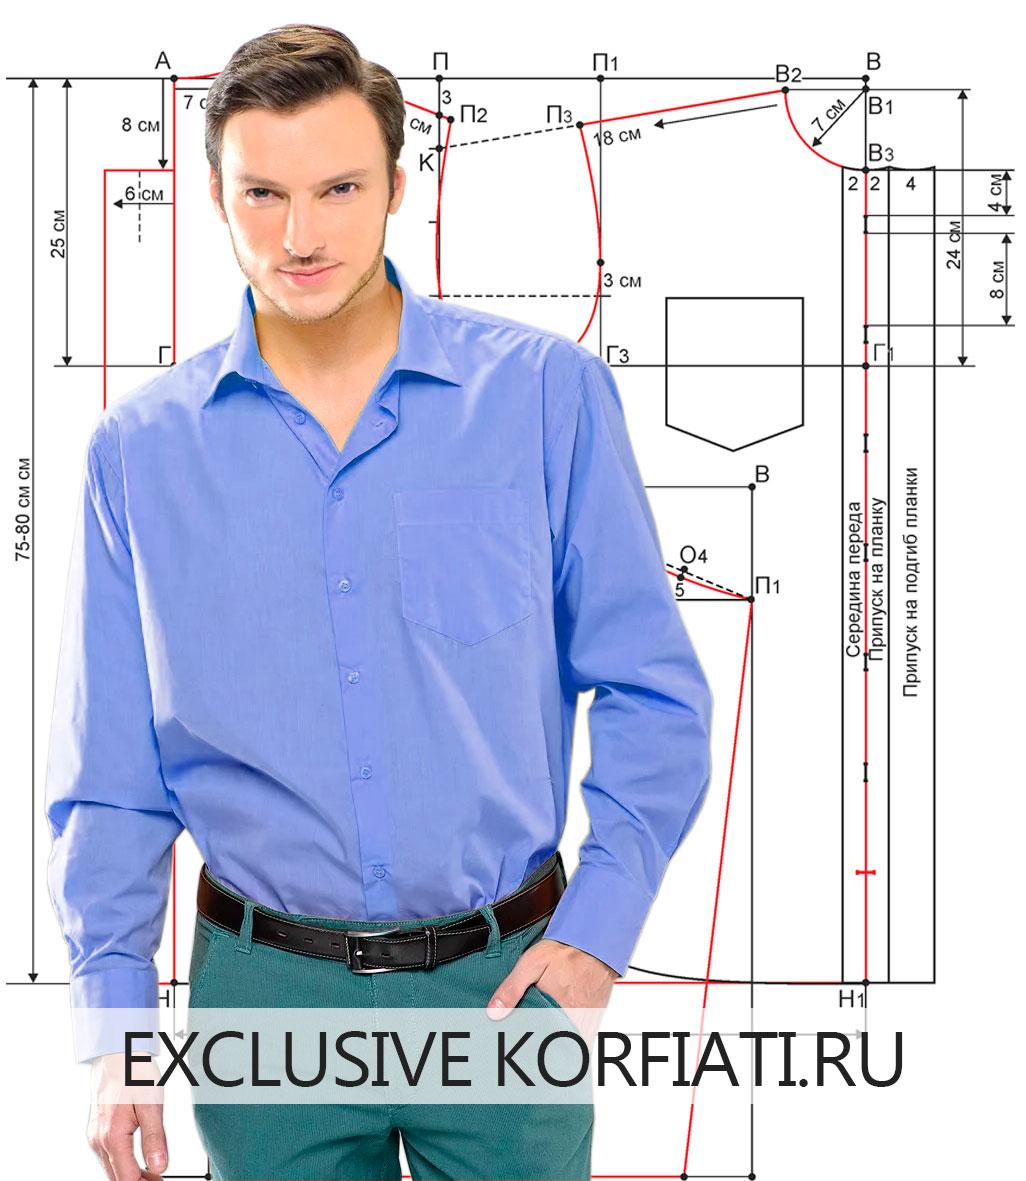 Мужская рубашка выкройка портьерная ткань купить в екатеринбурге